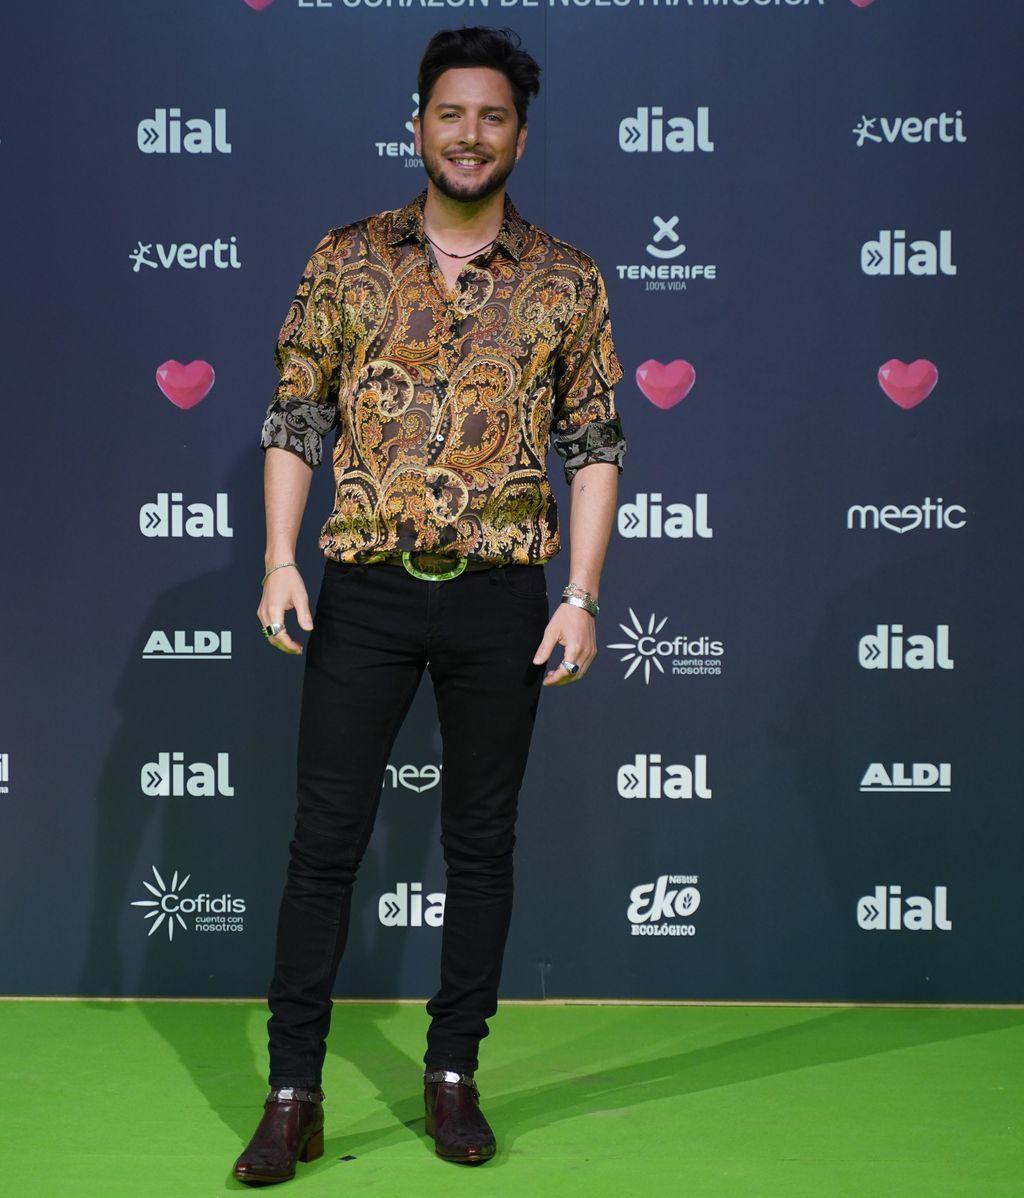 Manuel Carrasco con camisa de estampado cachemir